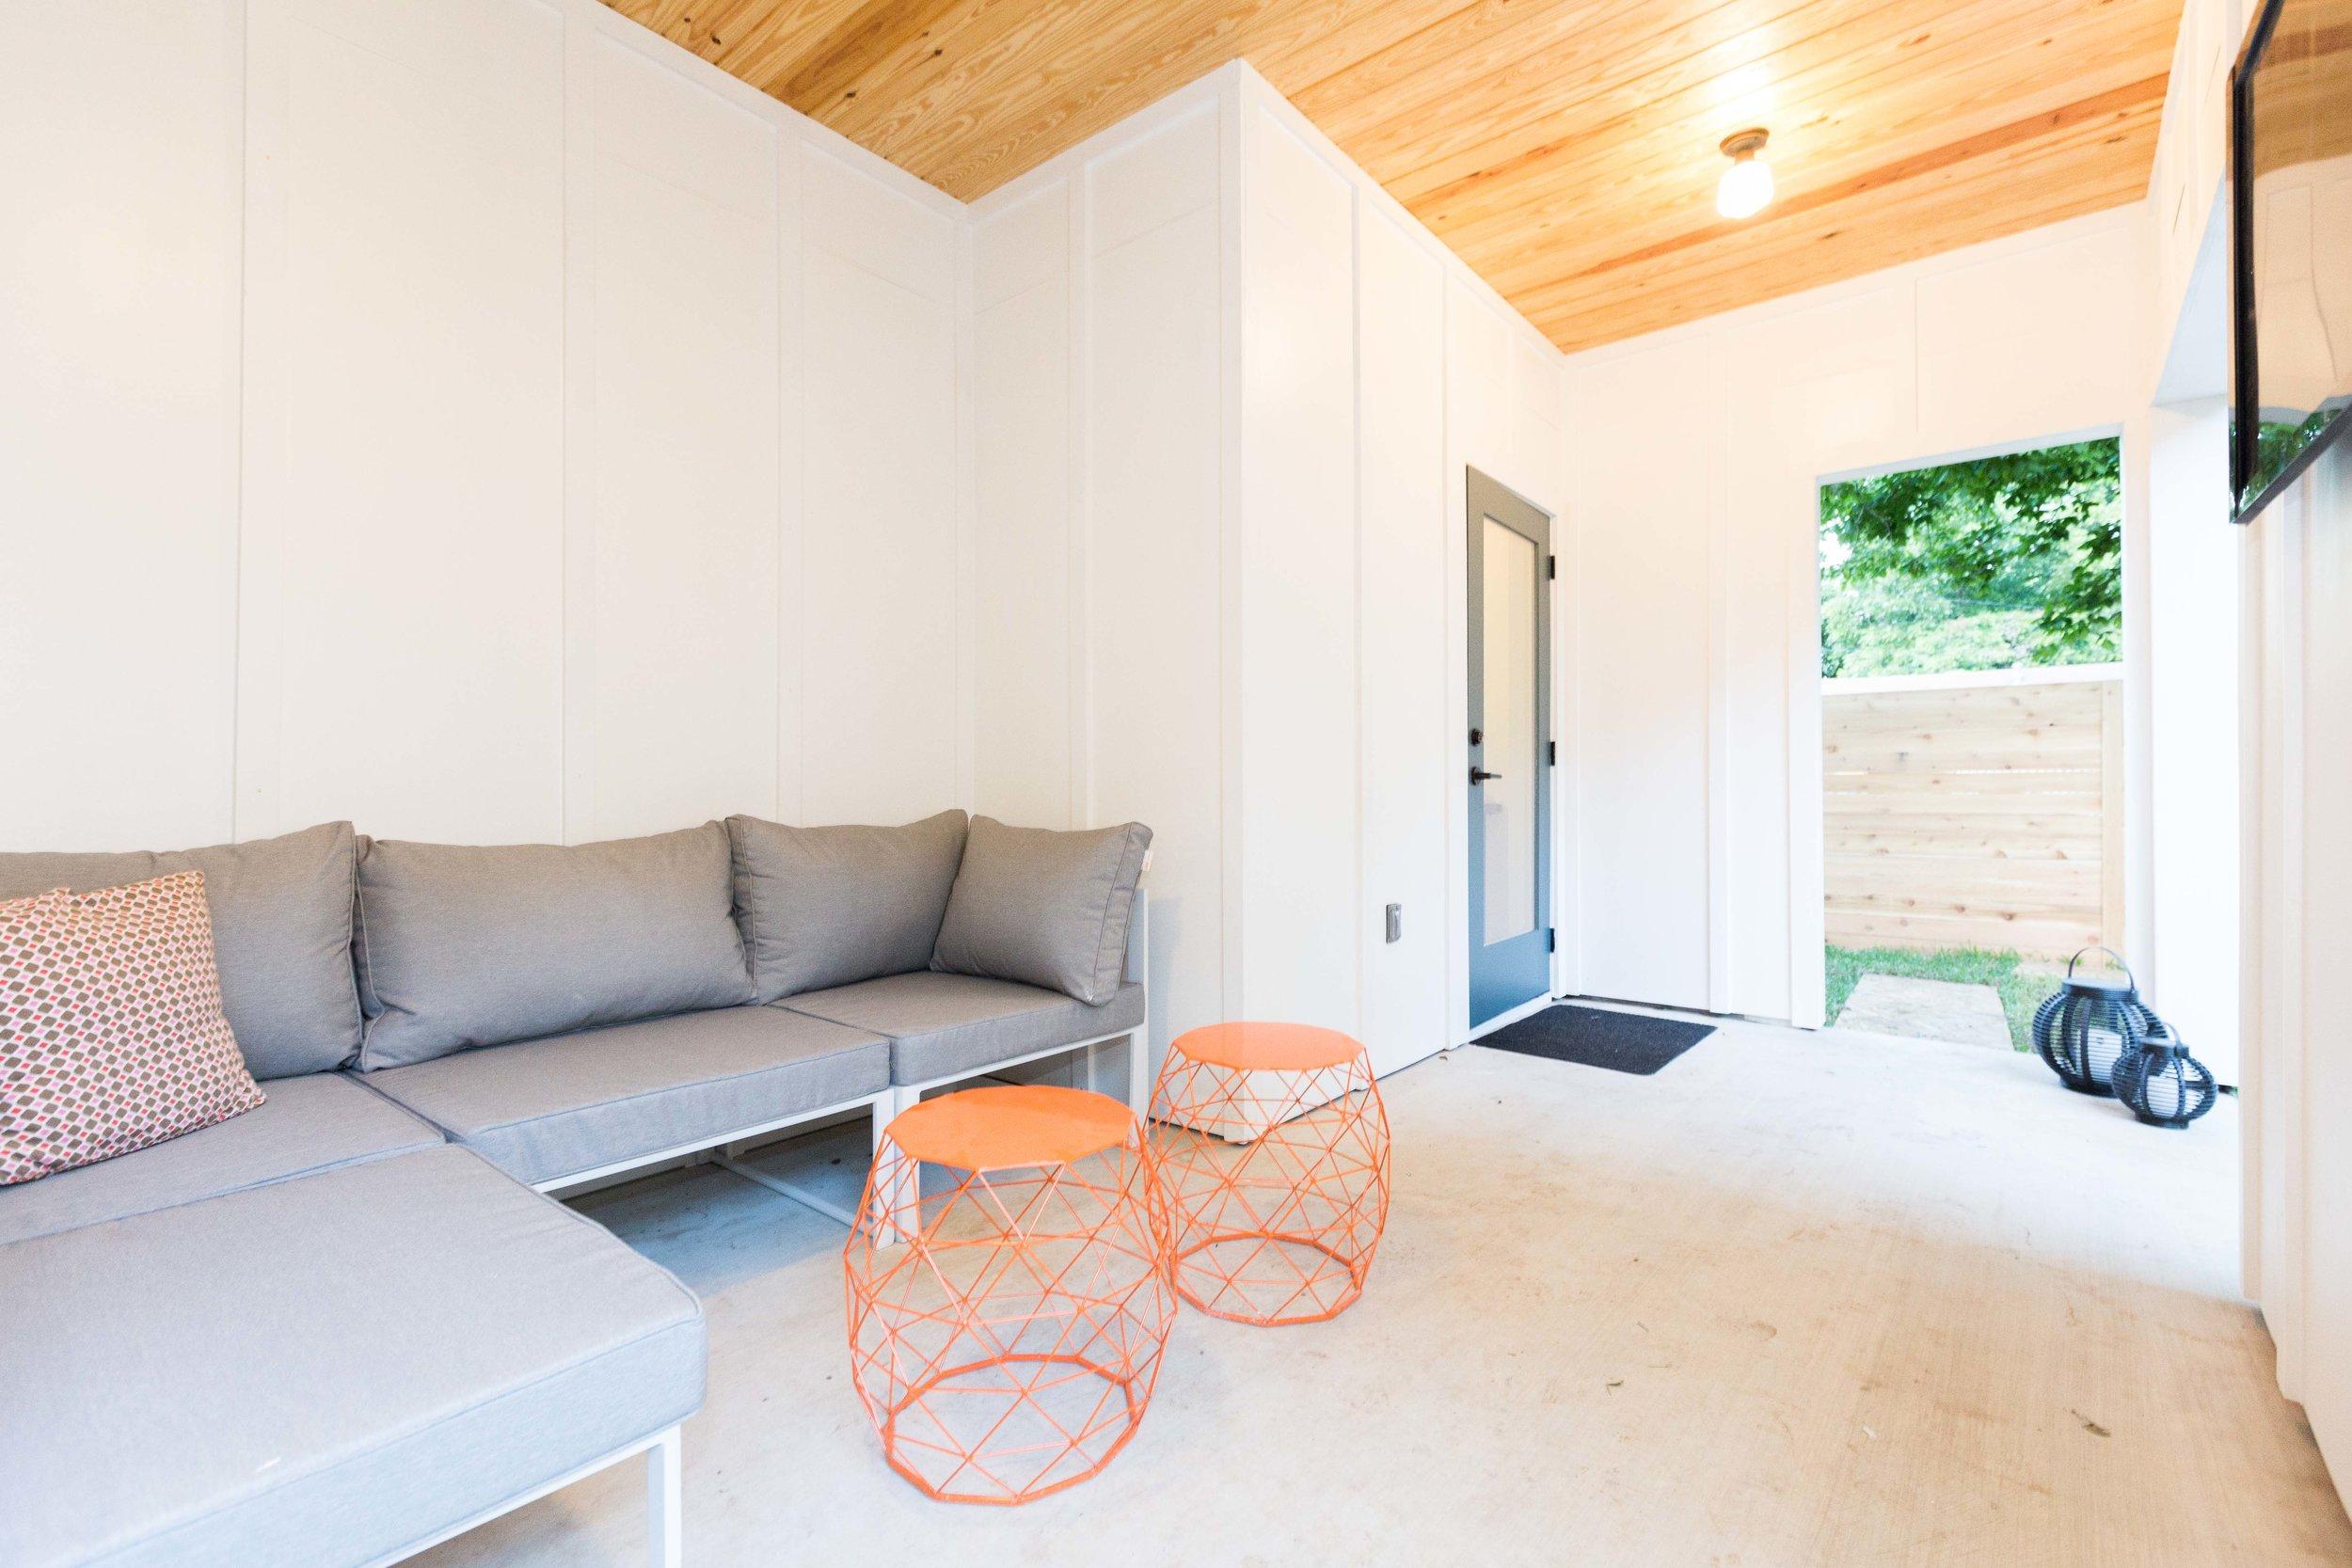 2504_WillowB_-_East_Austin_Alley_House_Modern_Cottage-9741[1].jpg